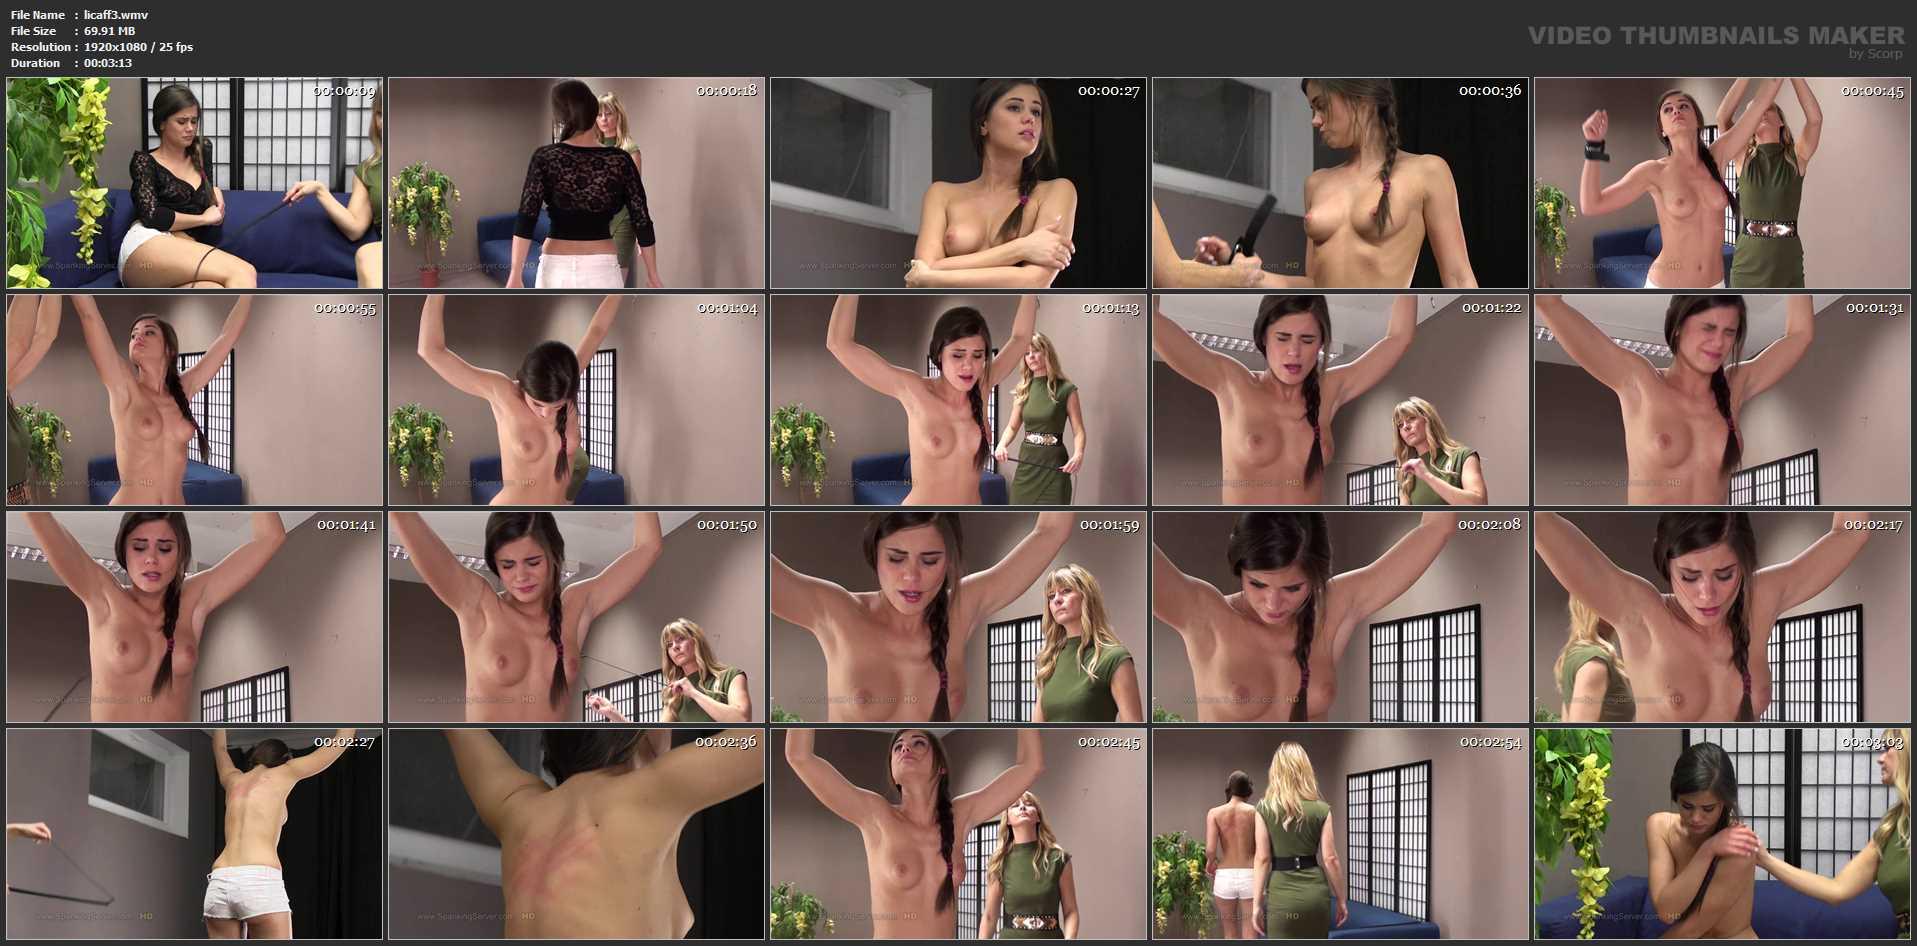 Little Caprice In Scene: LITTLE CAPRICE SPANKED 3 - SPANKINGSERVER - HD/720p/WMV